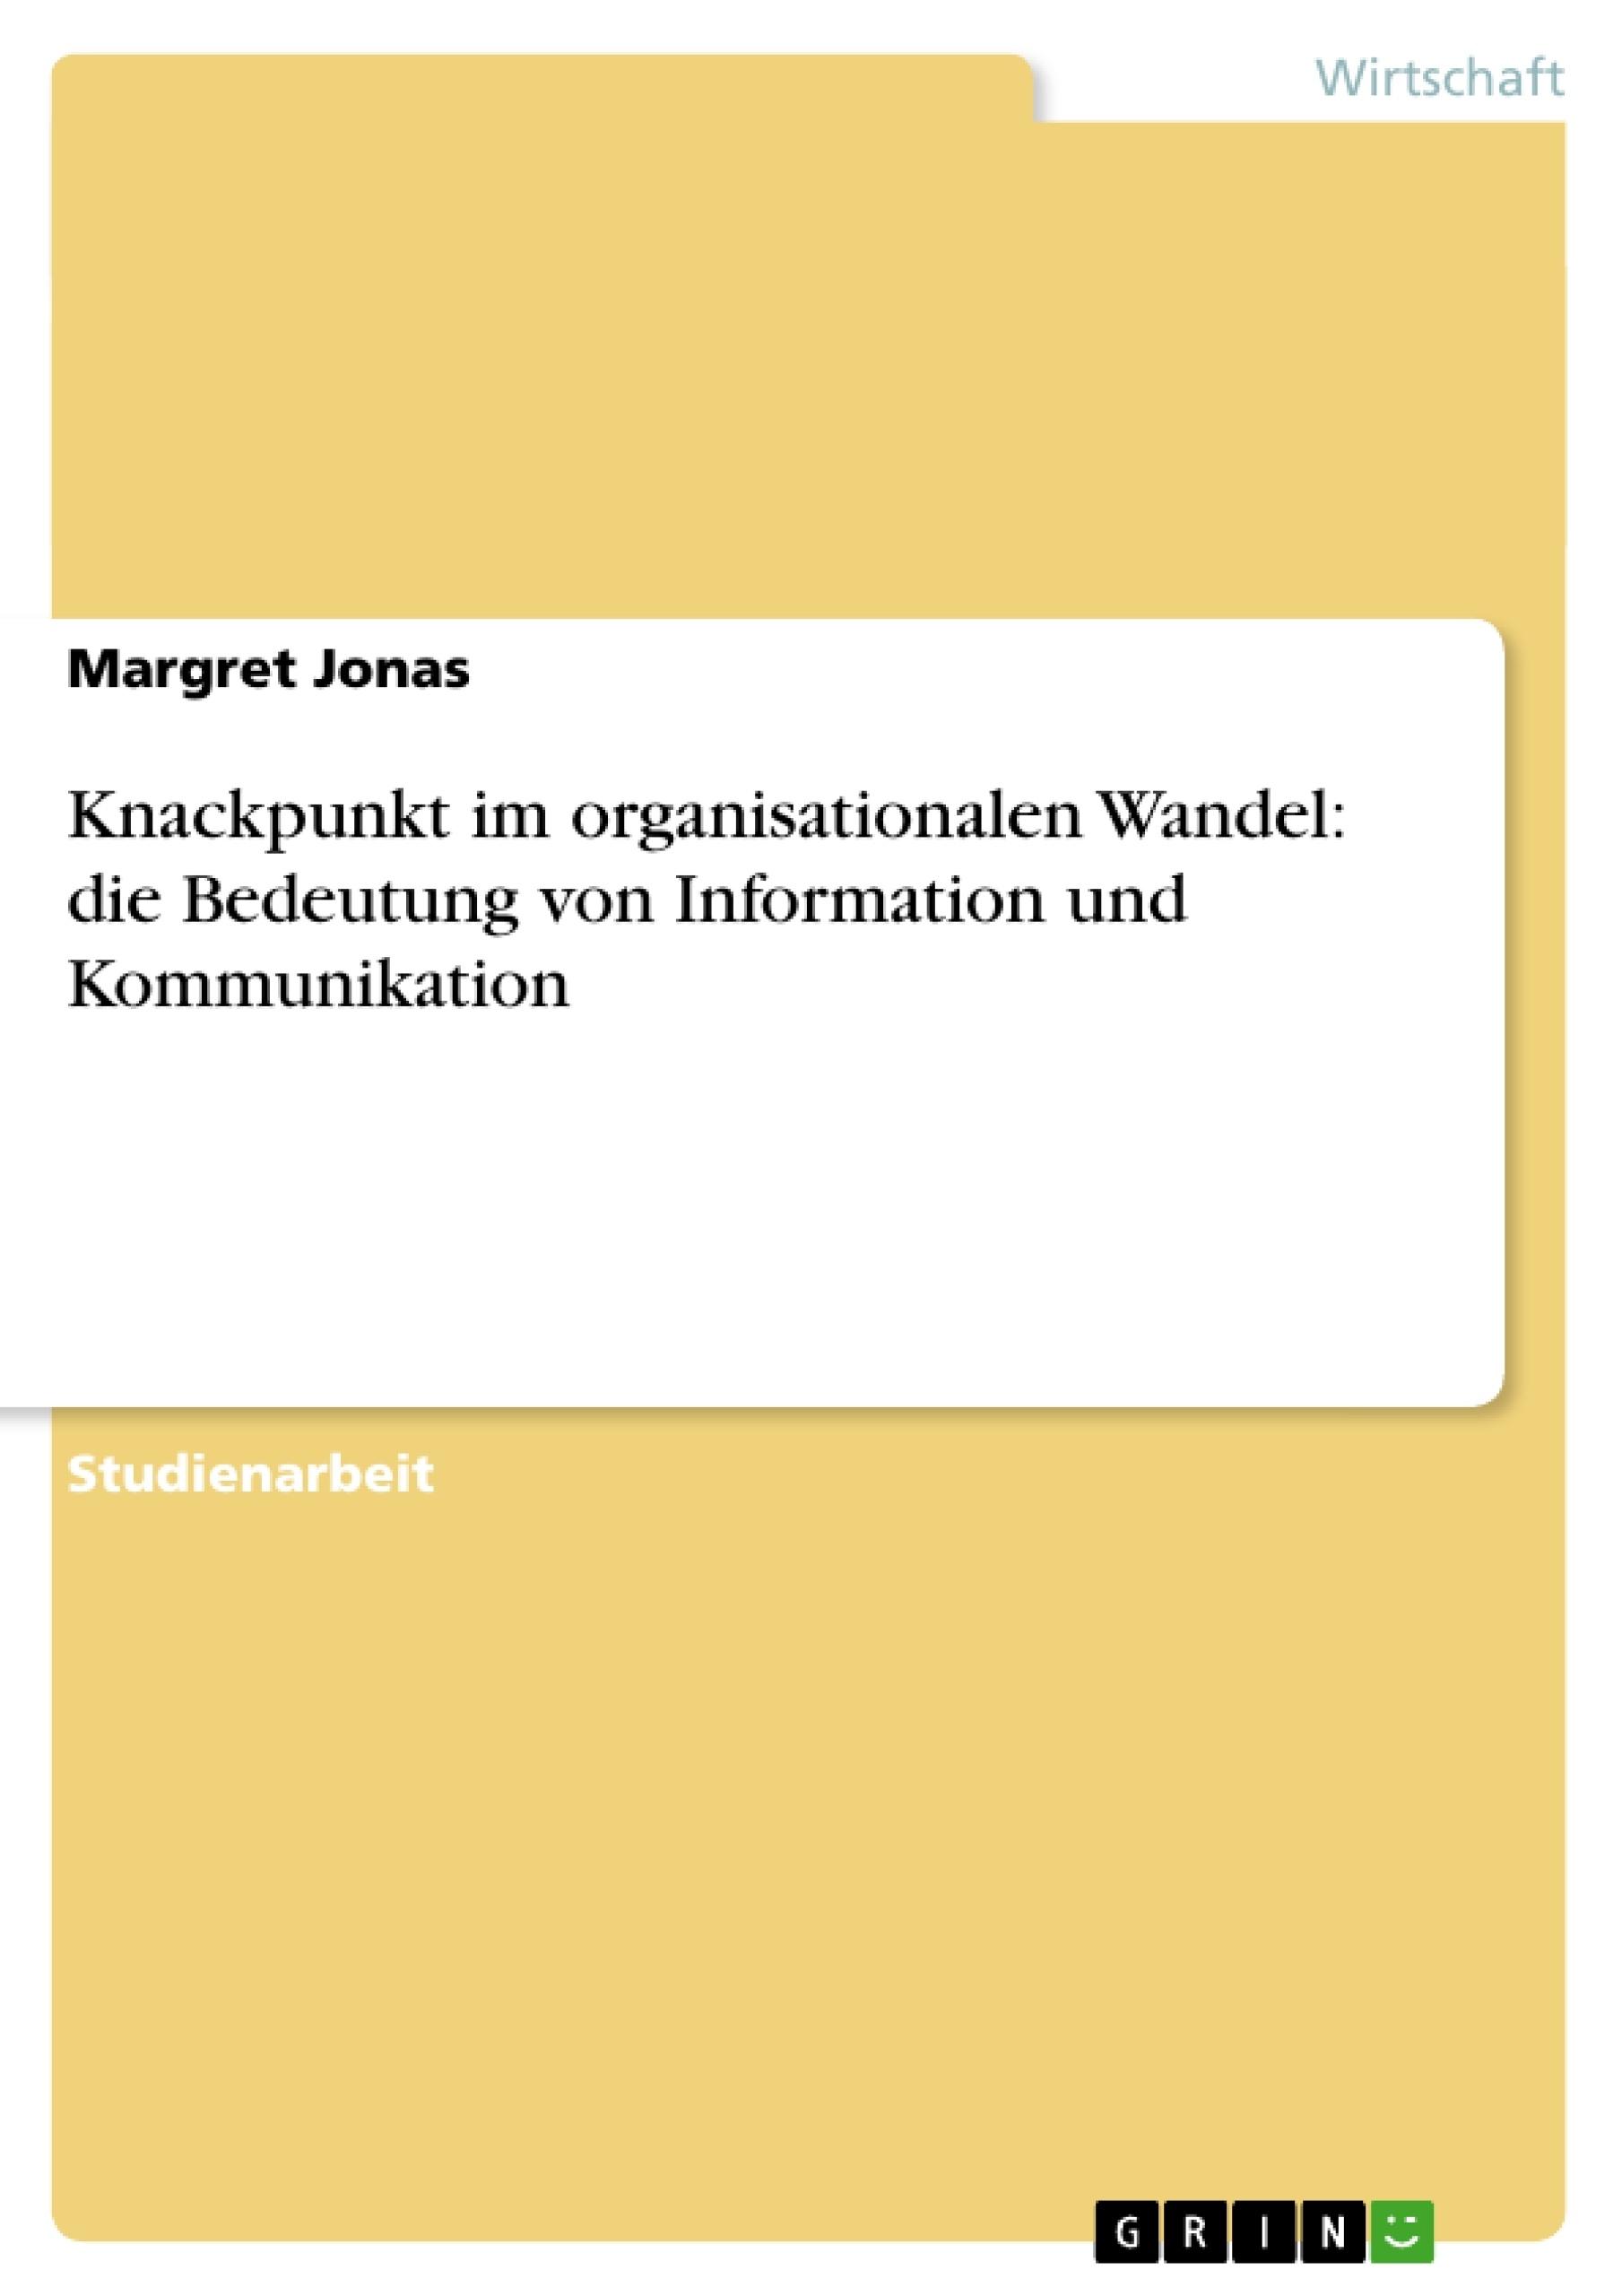 Titel: Knackpunkt im organisationalen Wandel: die Bedeutung von Information und Kommunikation